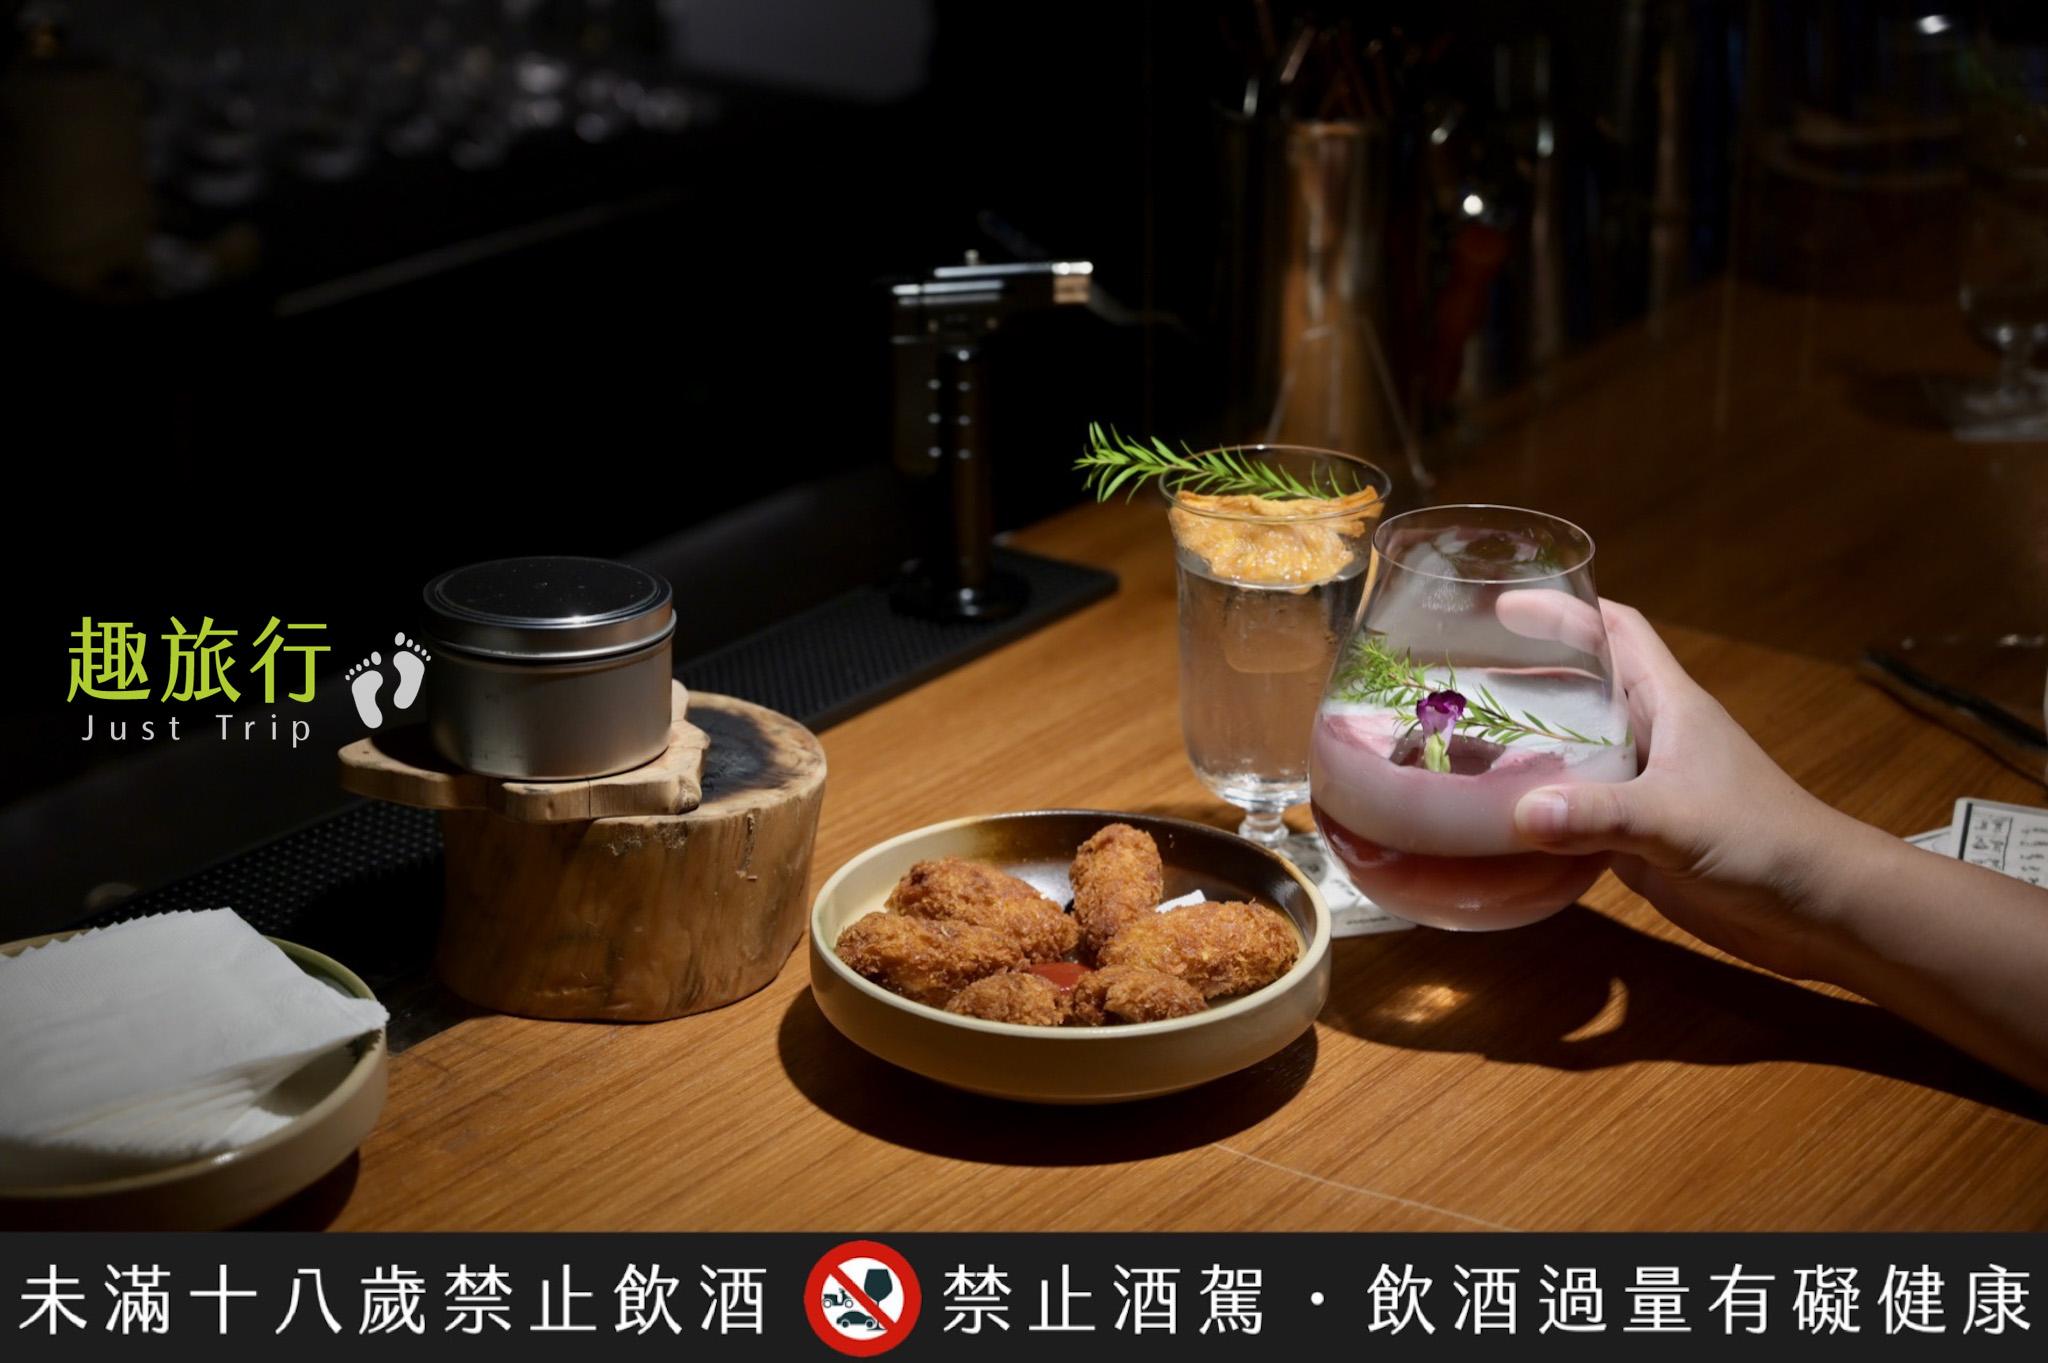 炸牡蠣, 無心戒酒互助會武昌分會 Nonsense Cafe & Bar